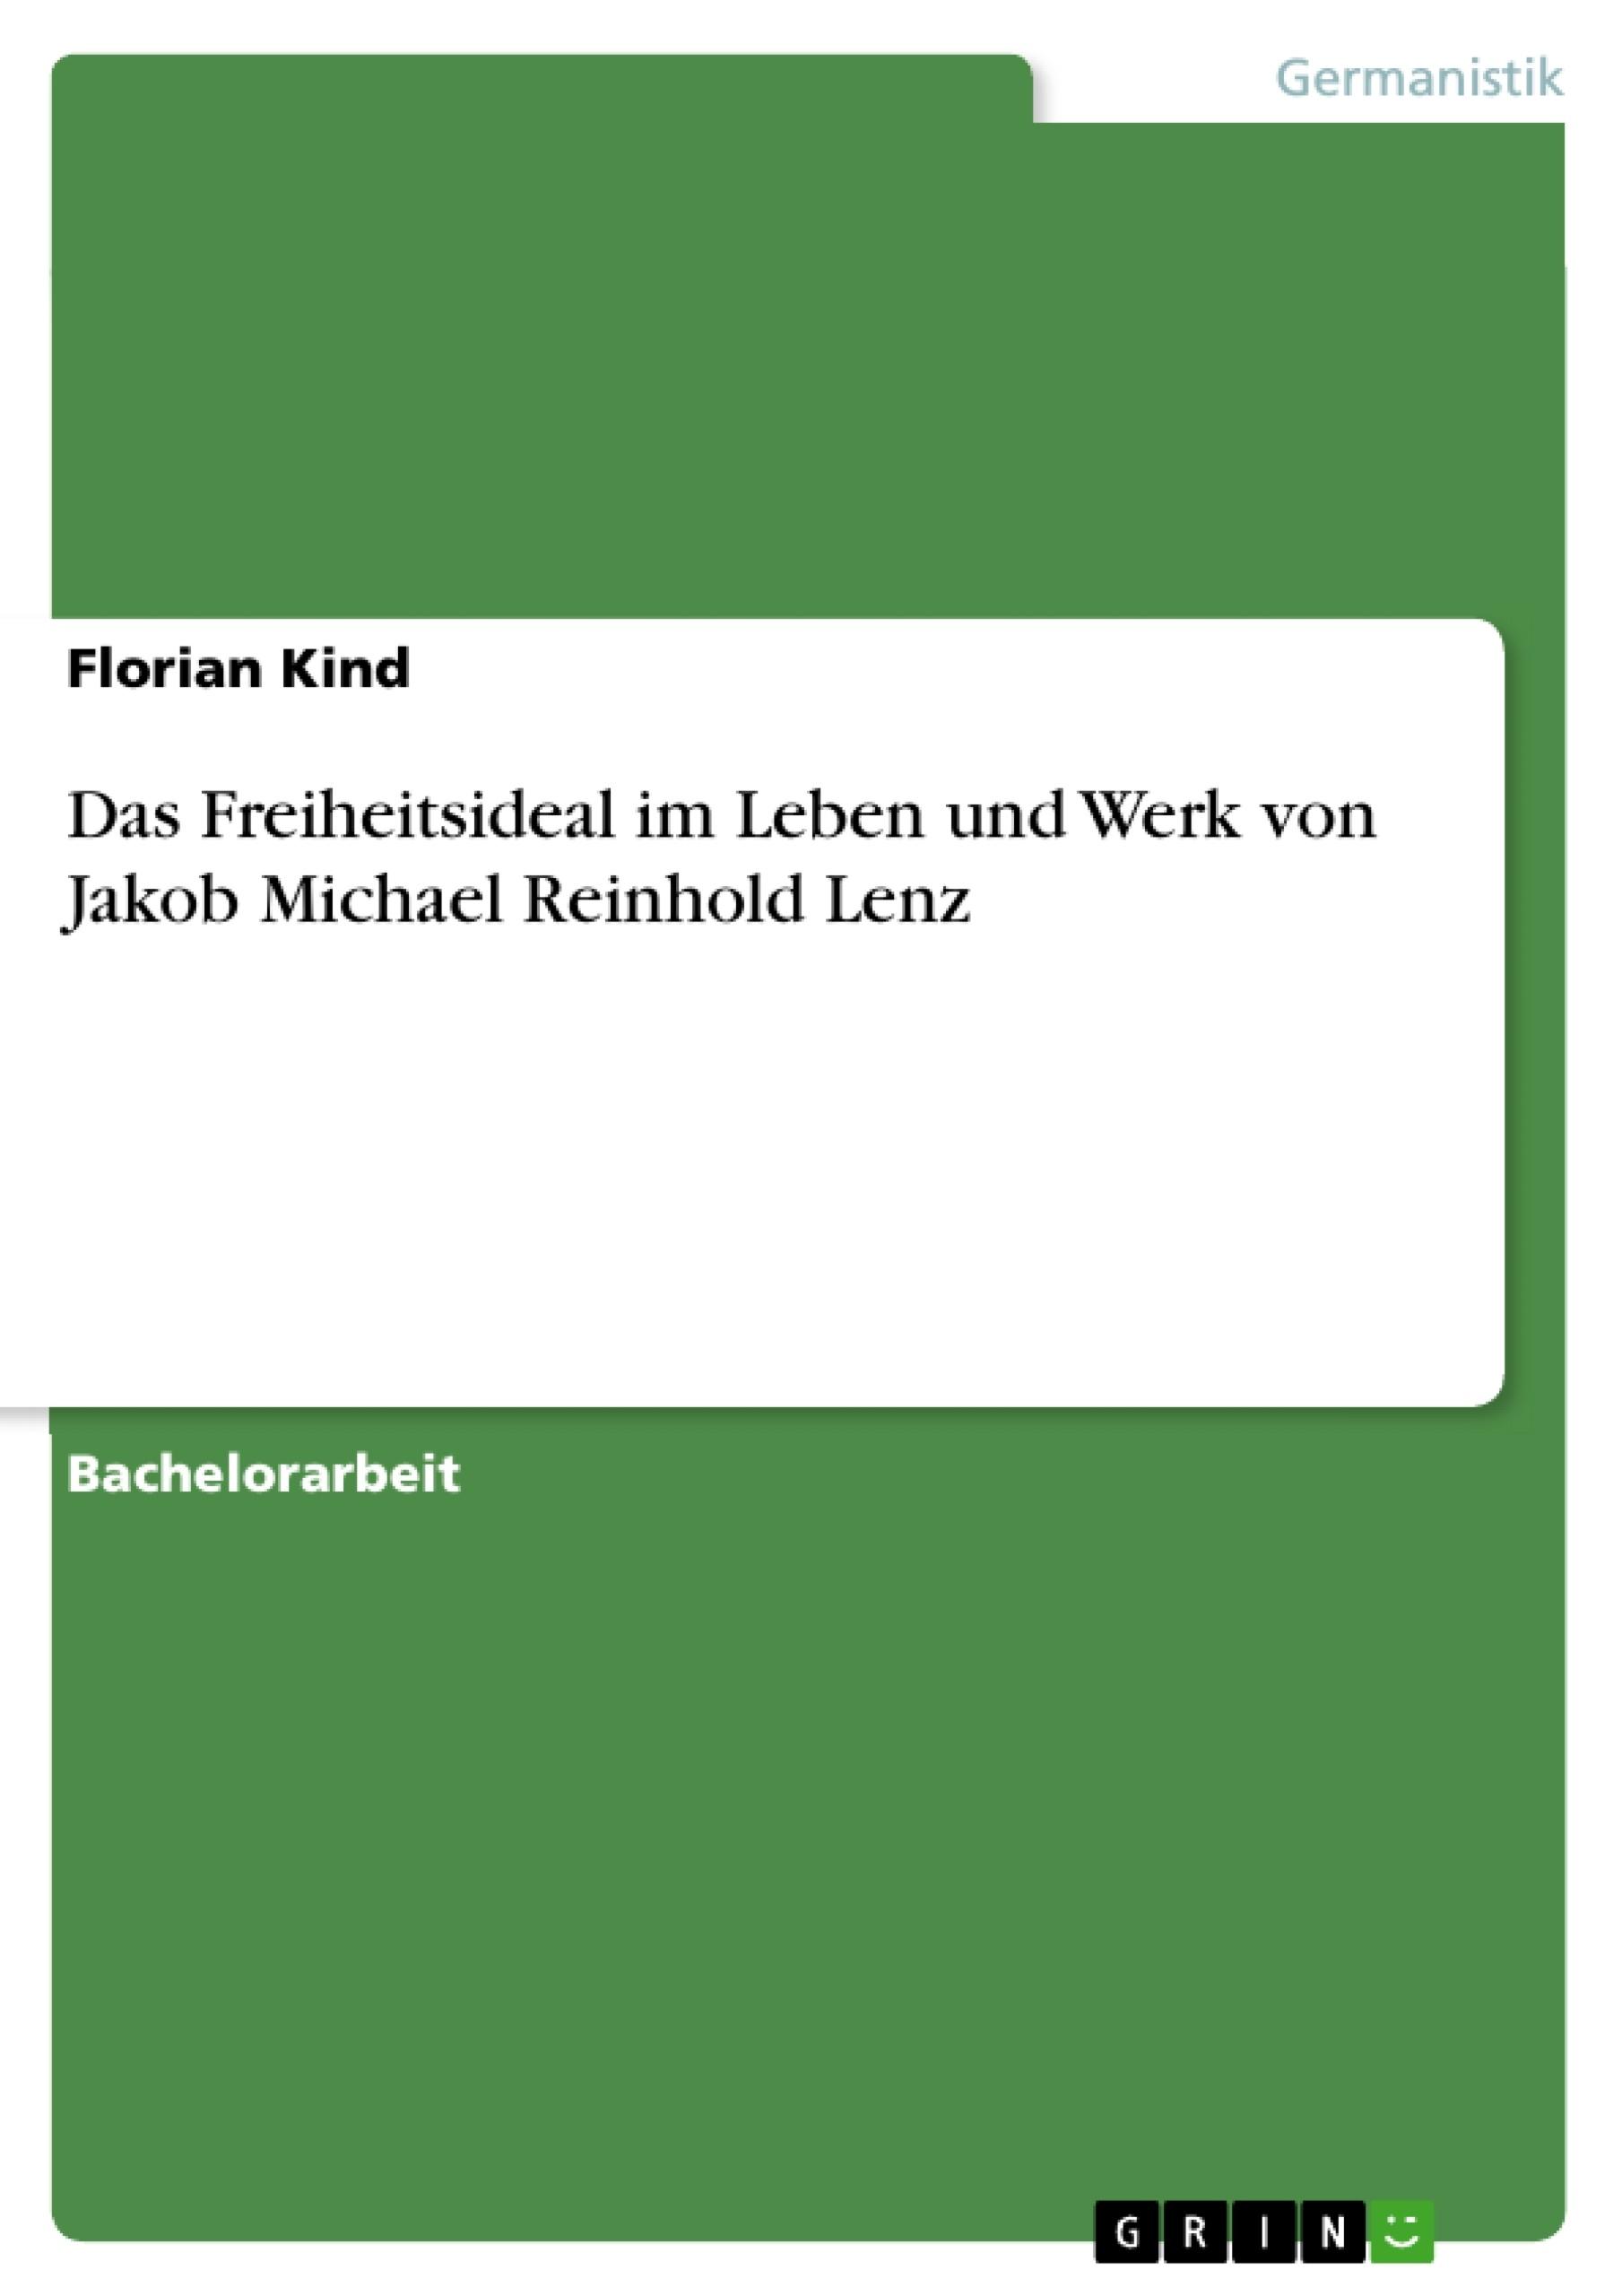 Titel: Das Freiheitsideal im Leben und Werk von Jakob Michael Reinhold Lenz